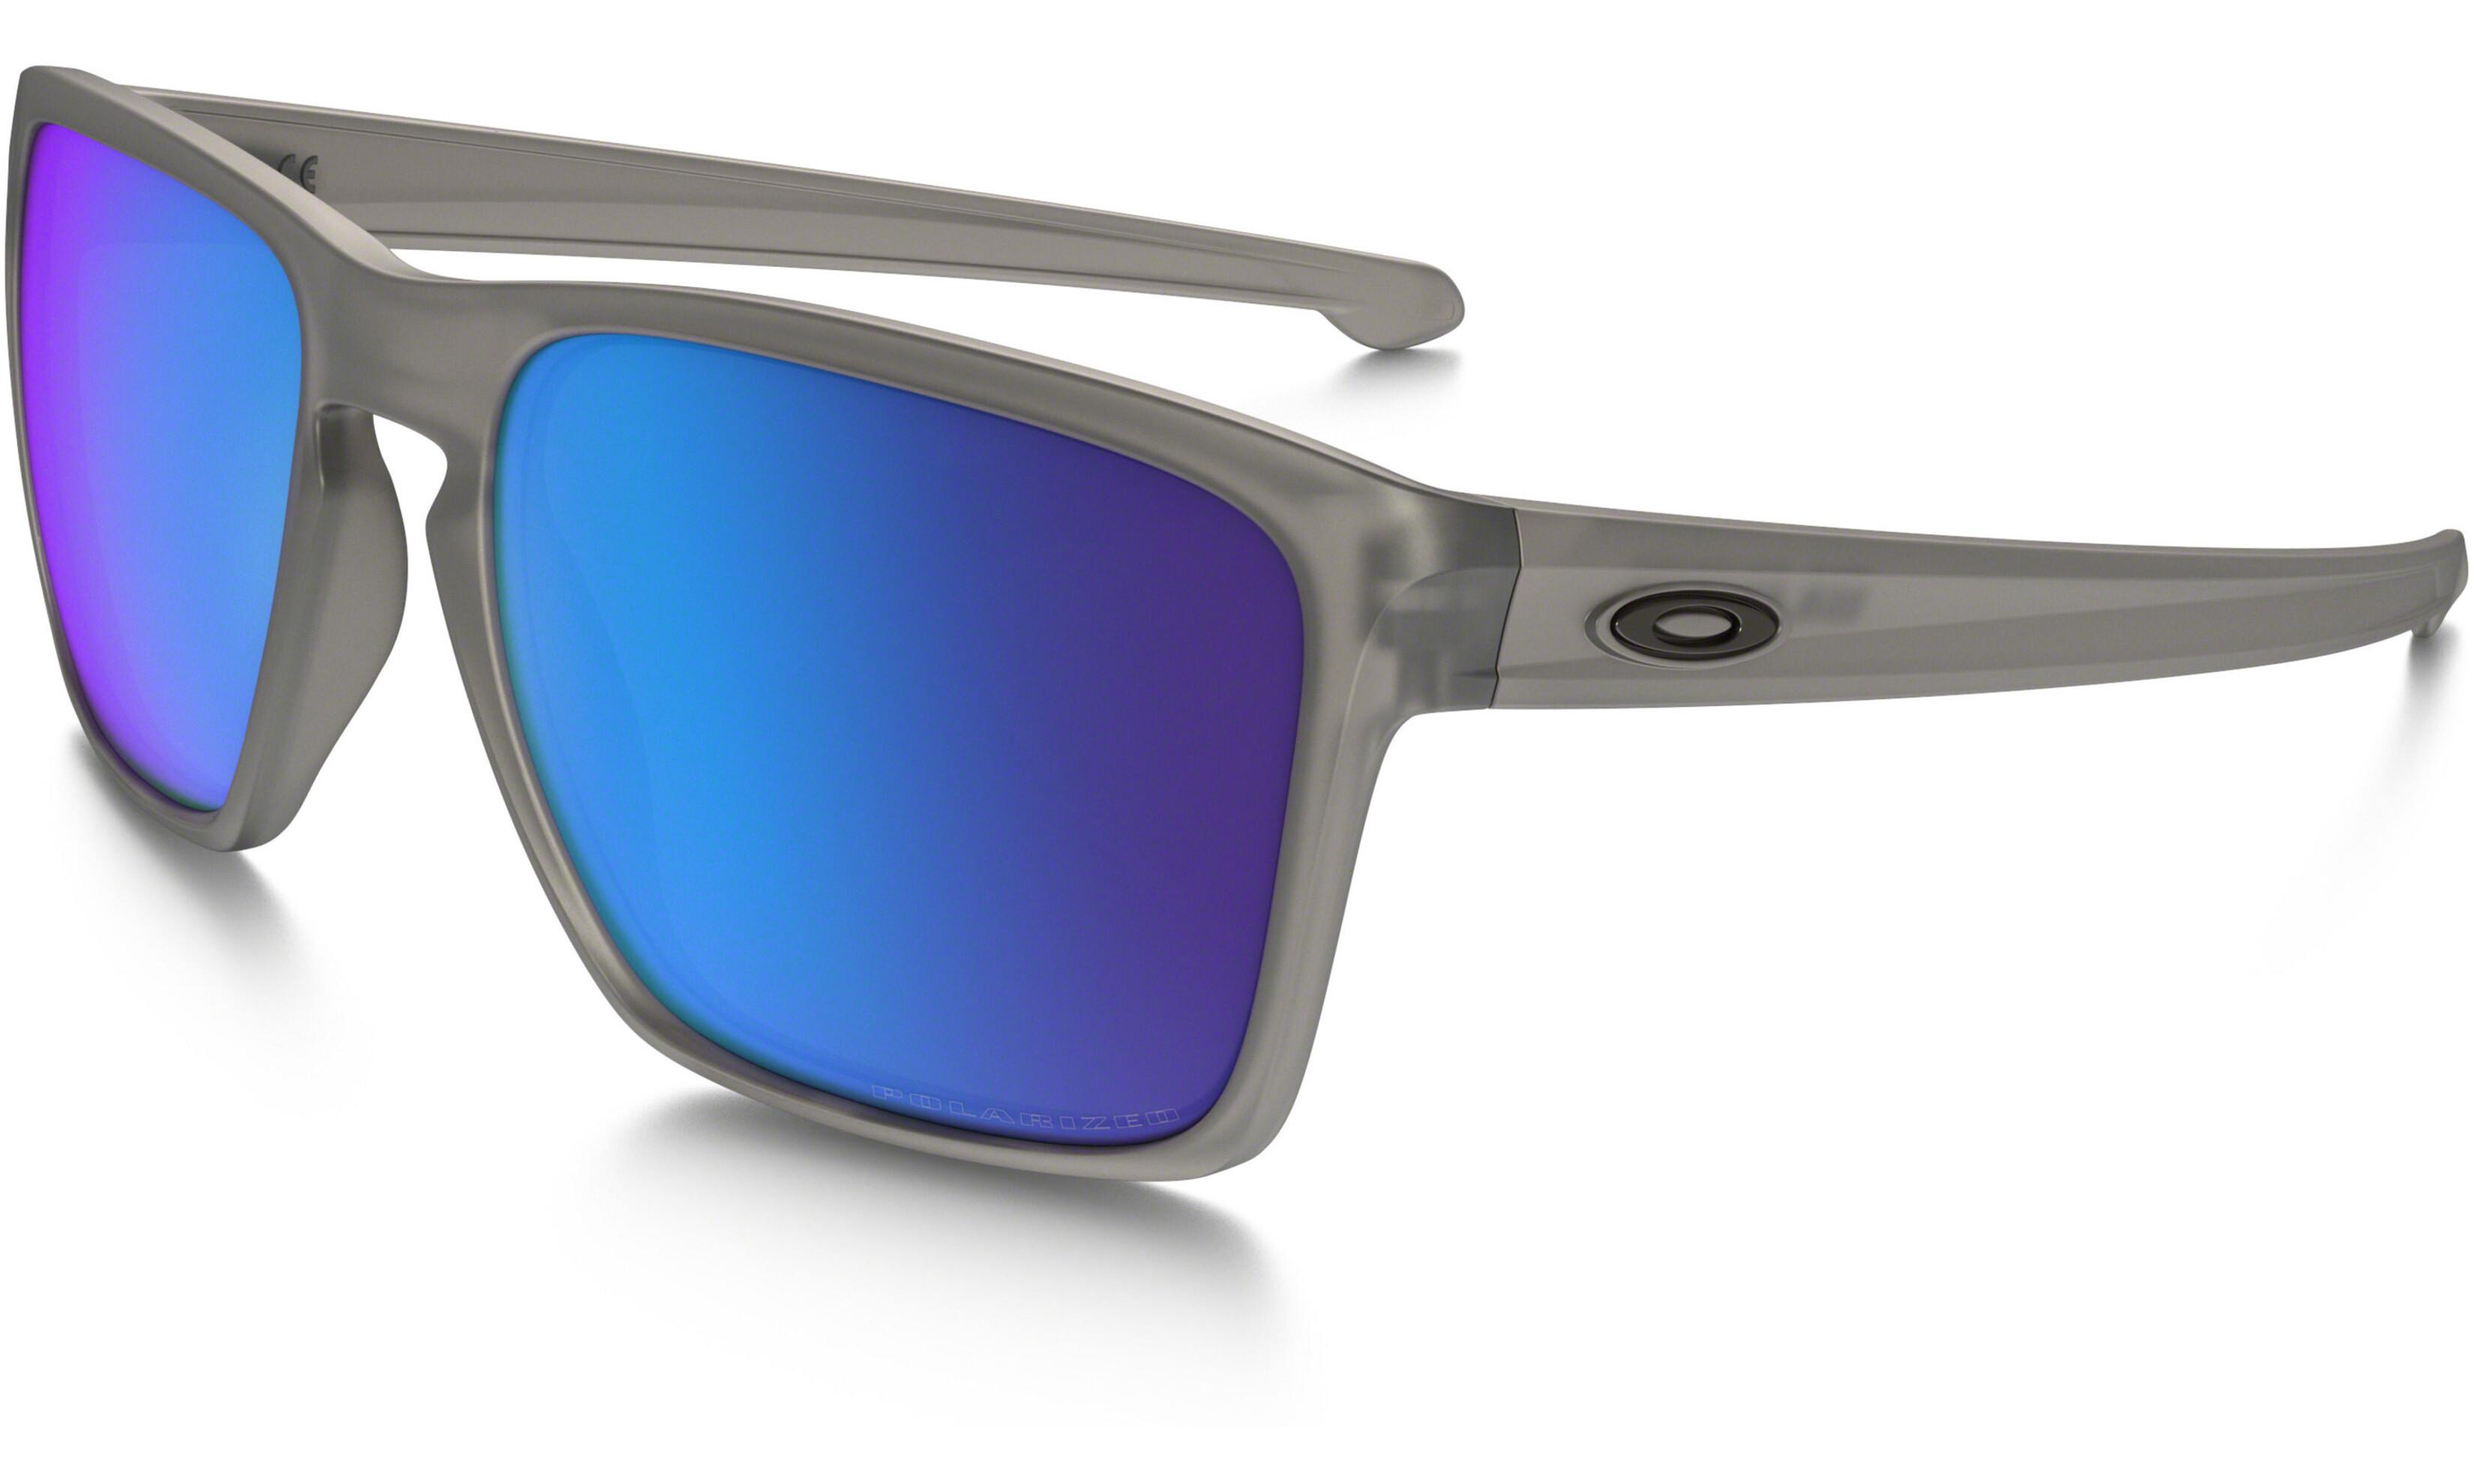 3b85b565b2 Oakley Sliver XL - Lunettes cyclisme Homme - gris/bleu - Boutique de ...